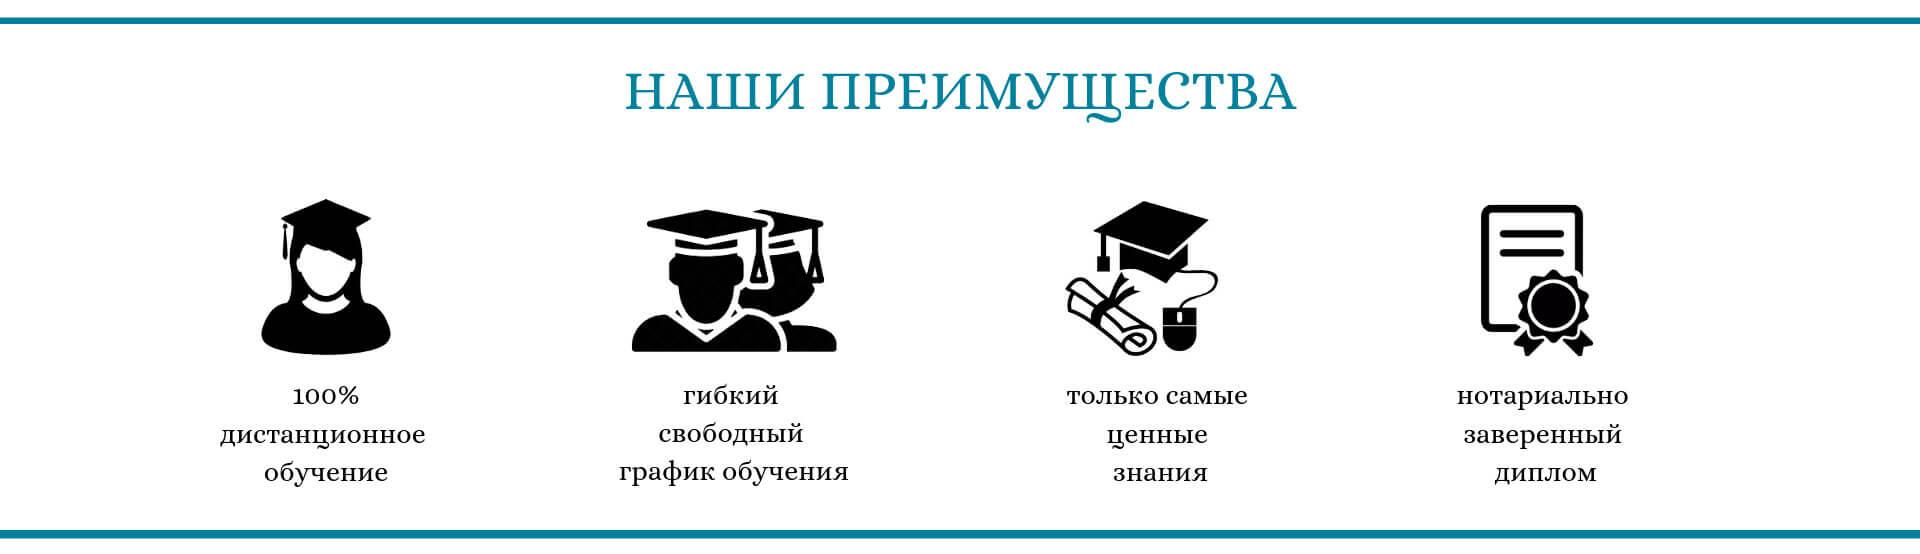 Преимущества Европейского Институт естественно-научных исследований и дистанционного обучения